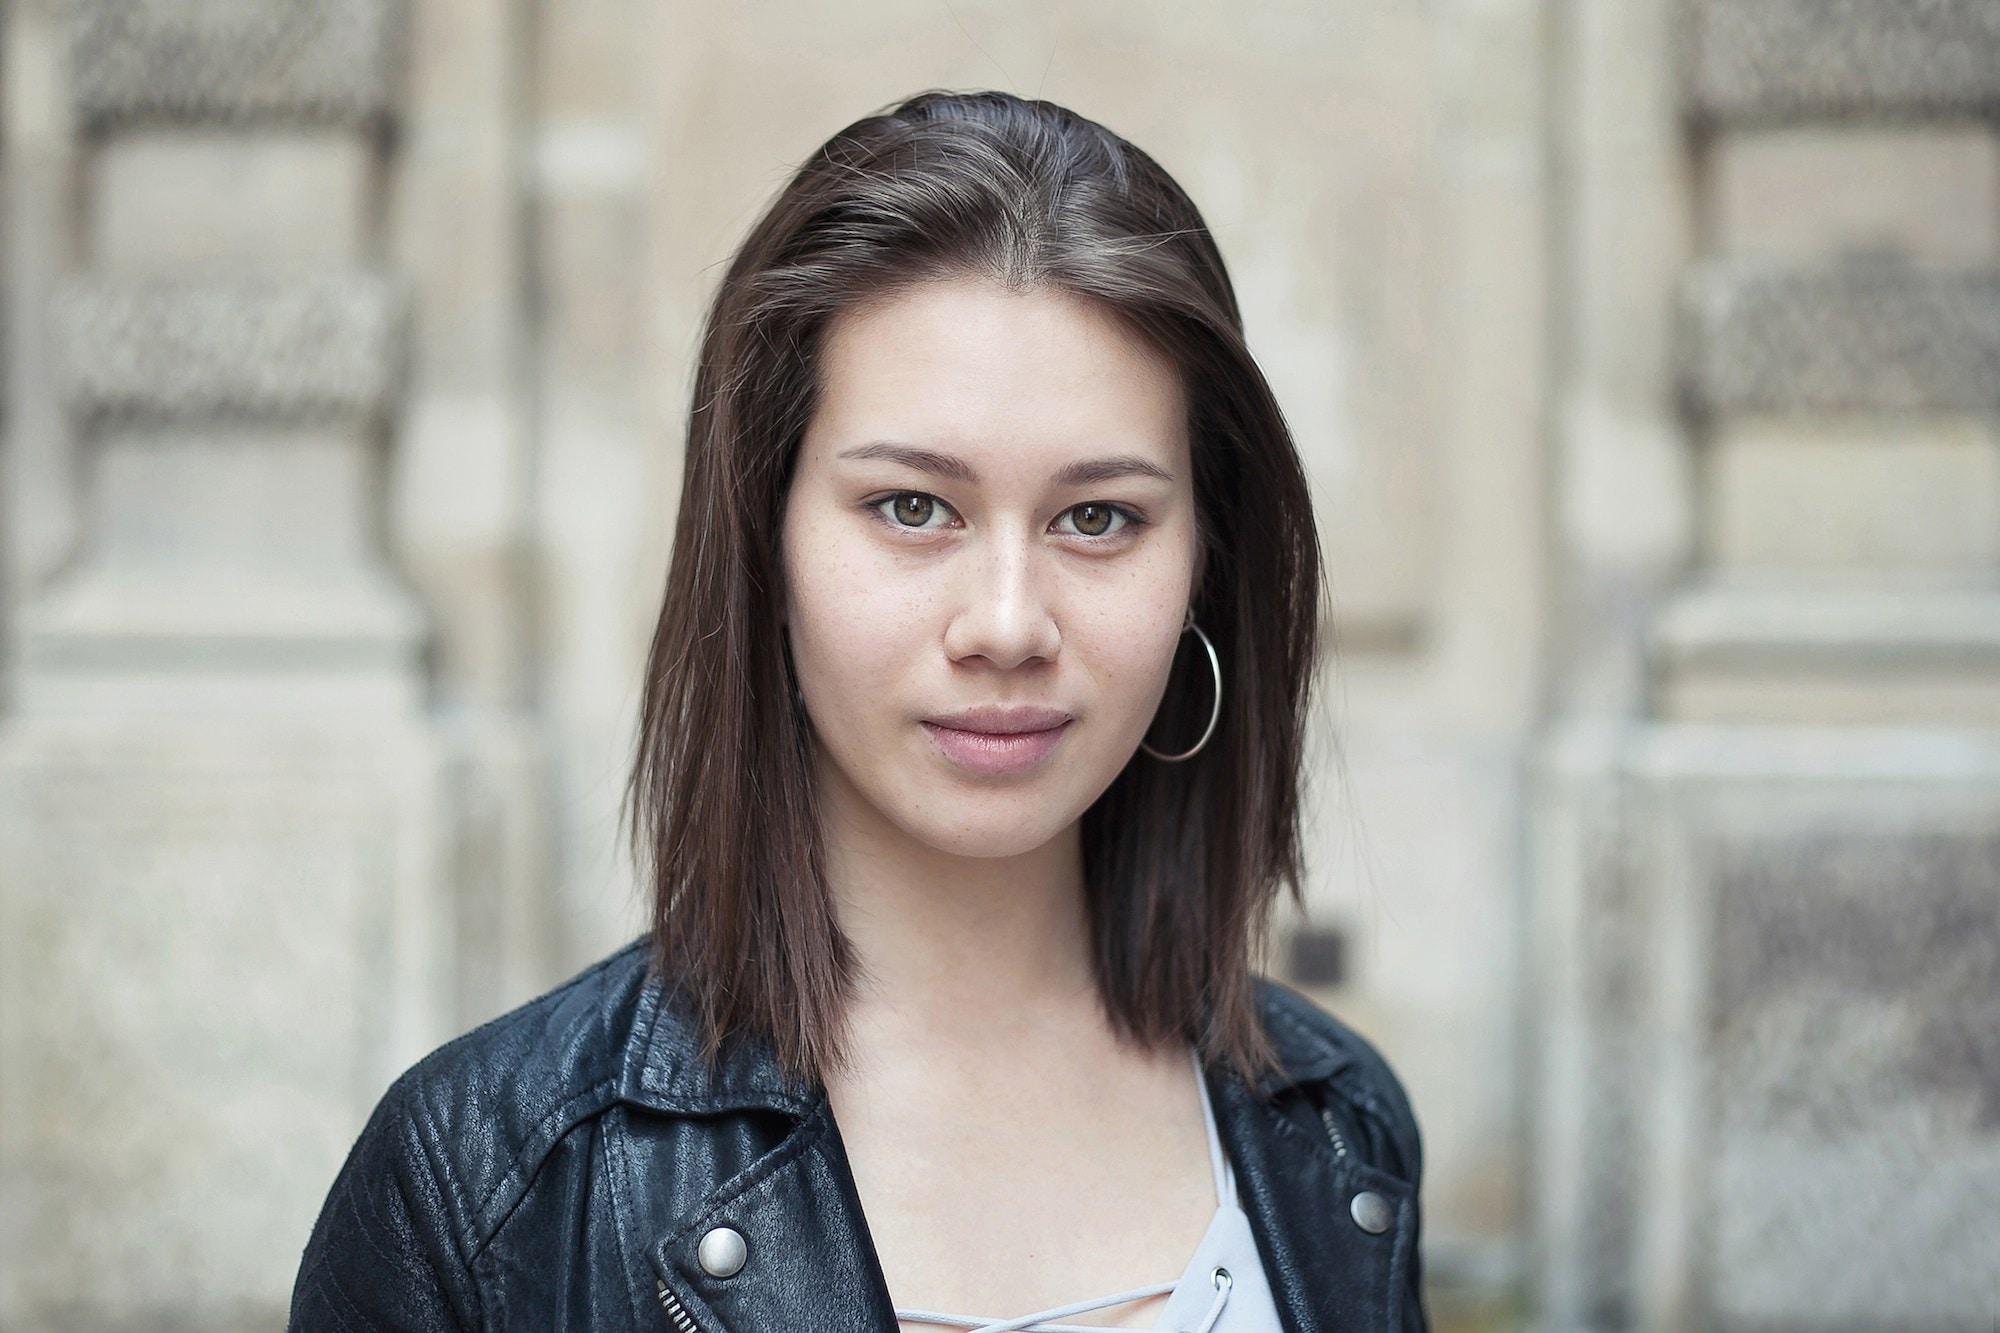 Wanita kaukasia dengan model rambut bob pendek lurus.